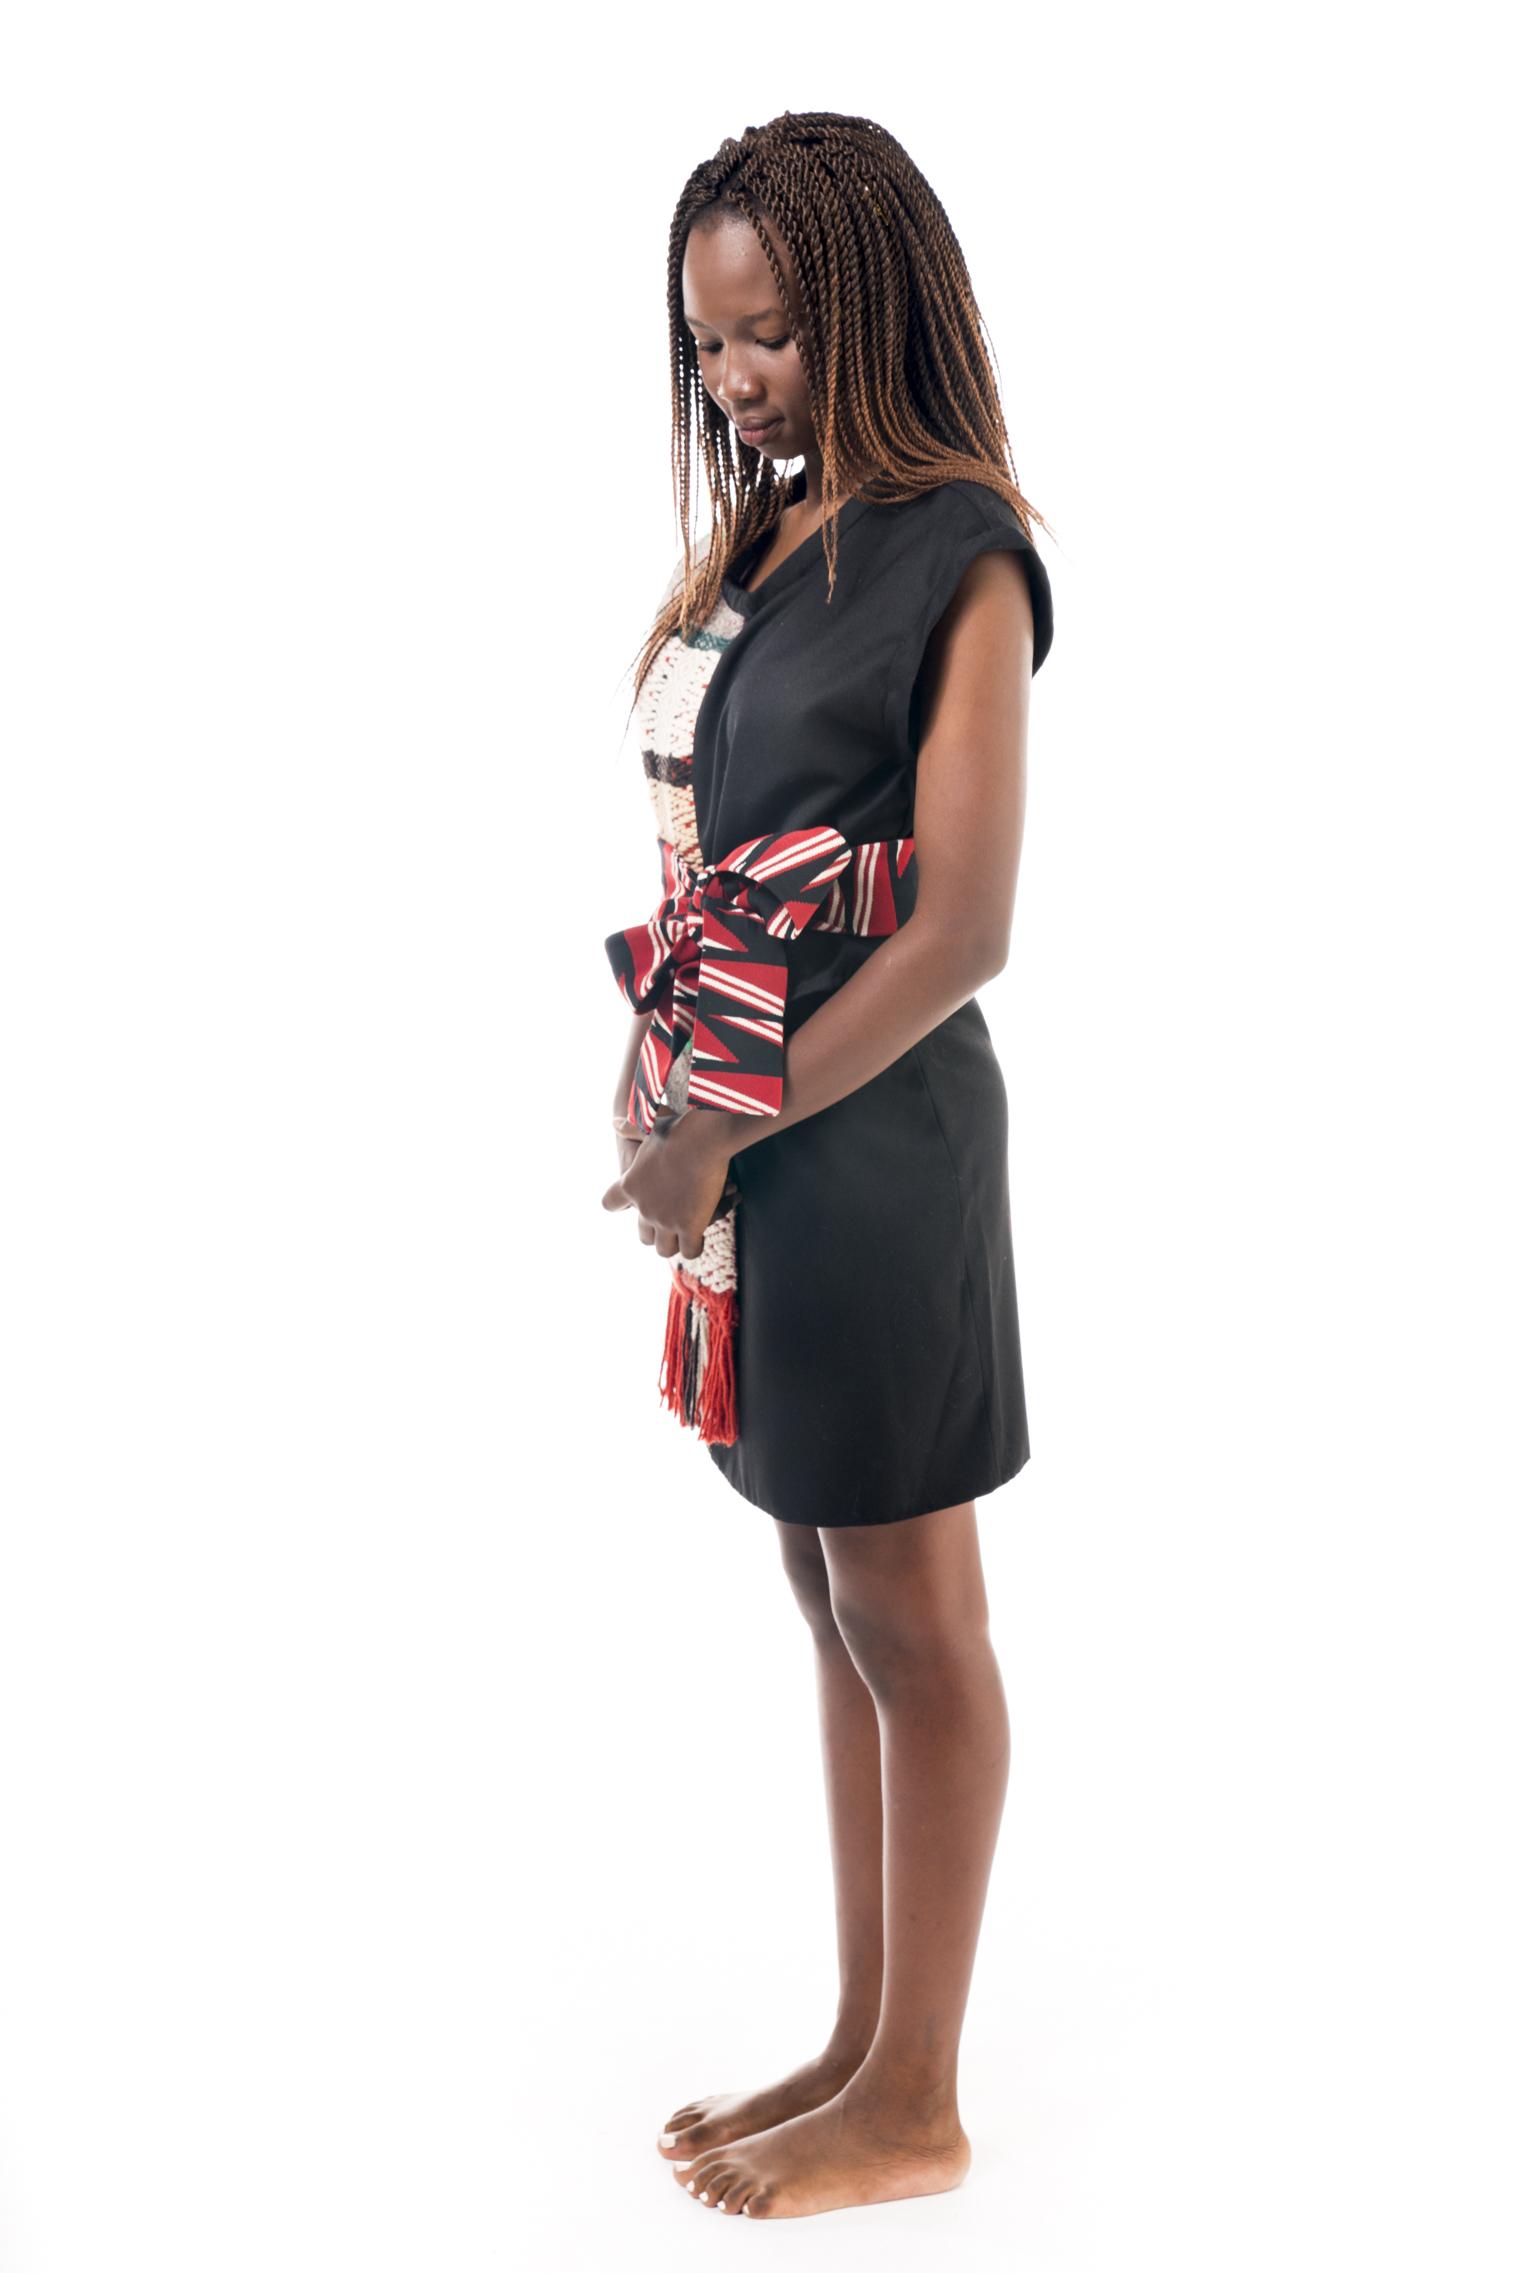 Dubay_Fashion_MinaSmithHodzik_WEB (21 of 89).jpg